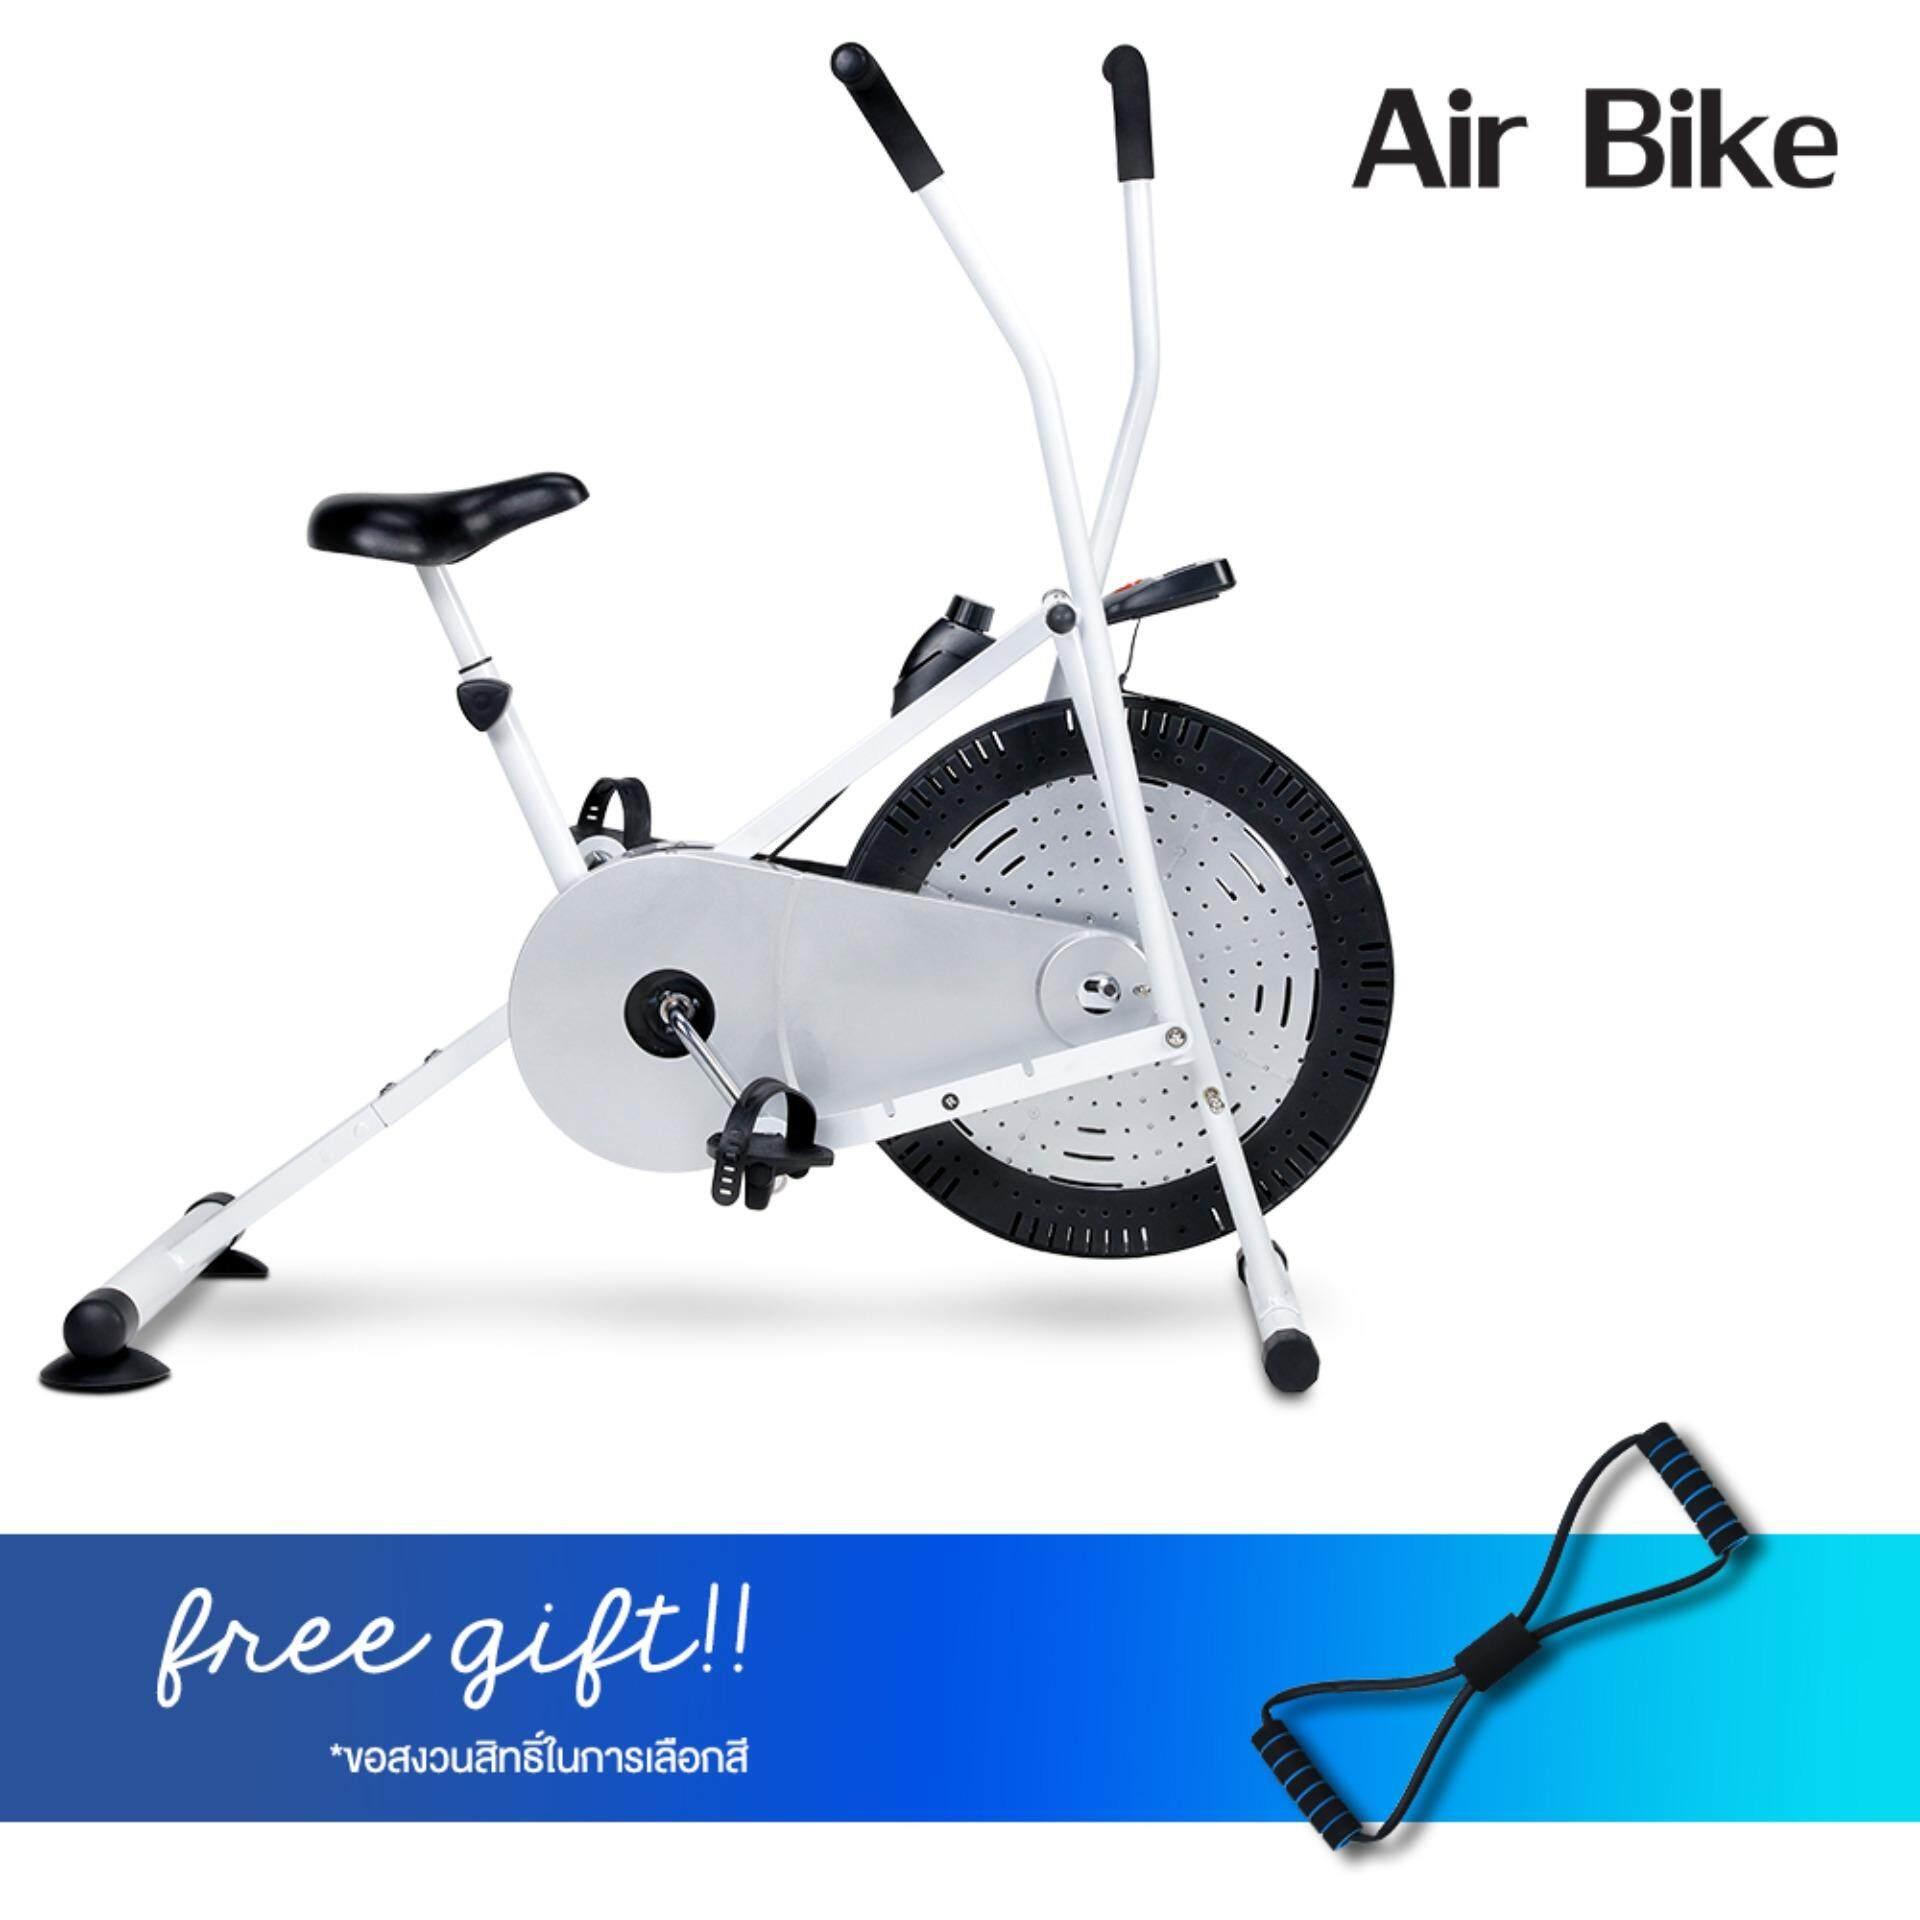 ซื้อ Air Bike Exercise Bike จักรยานออกกำลังกาย แถมฟรี สายยางยืด สุ่มสี 1 เส้น Air Bike